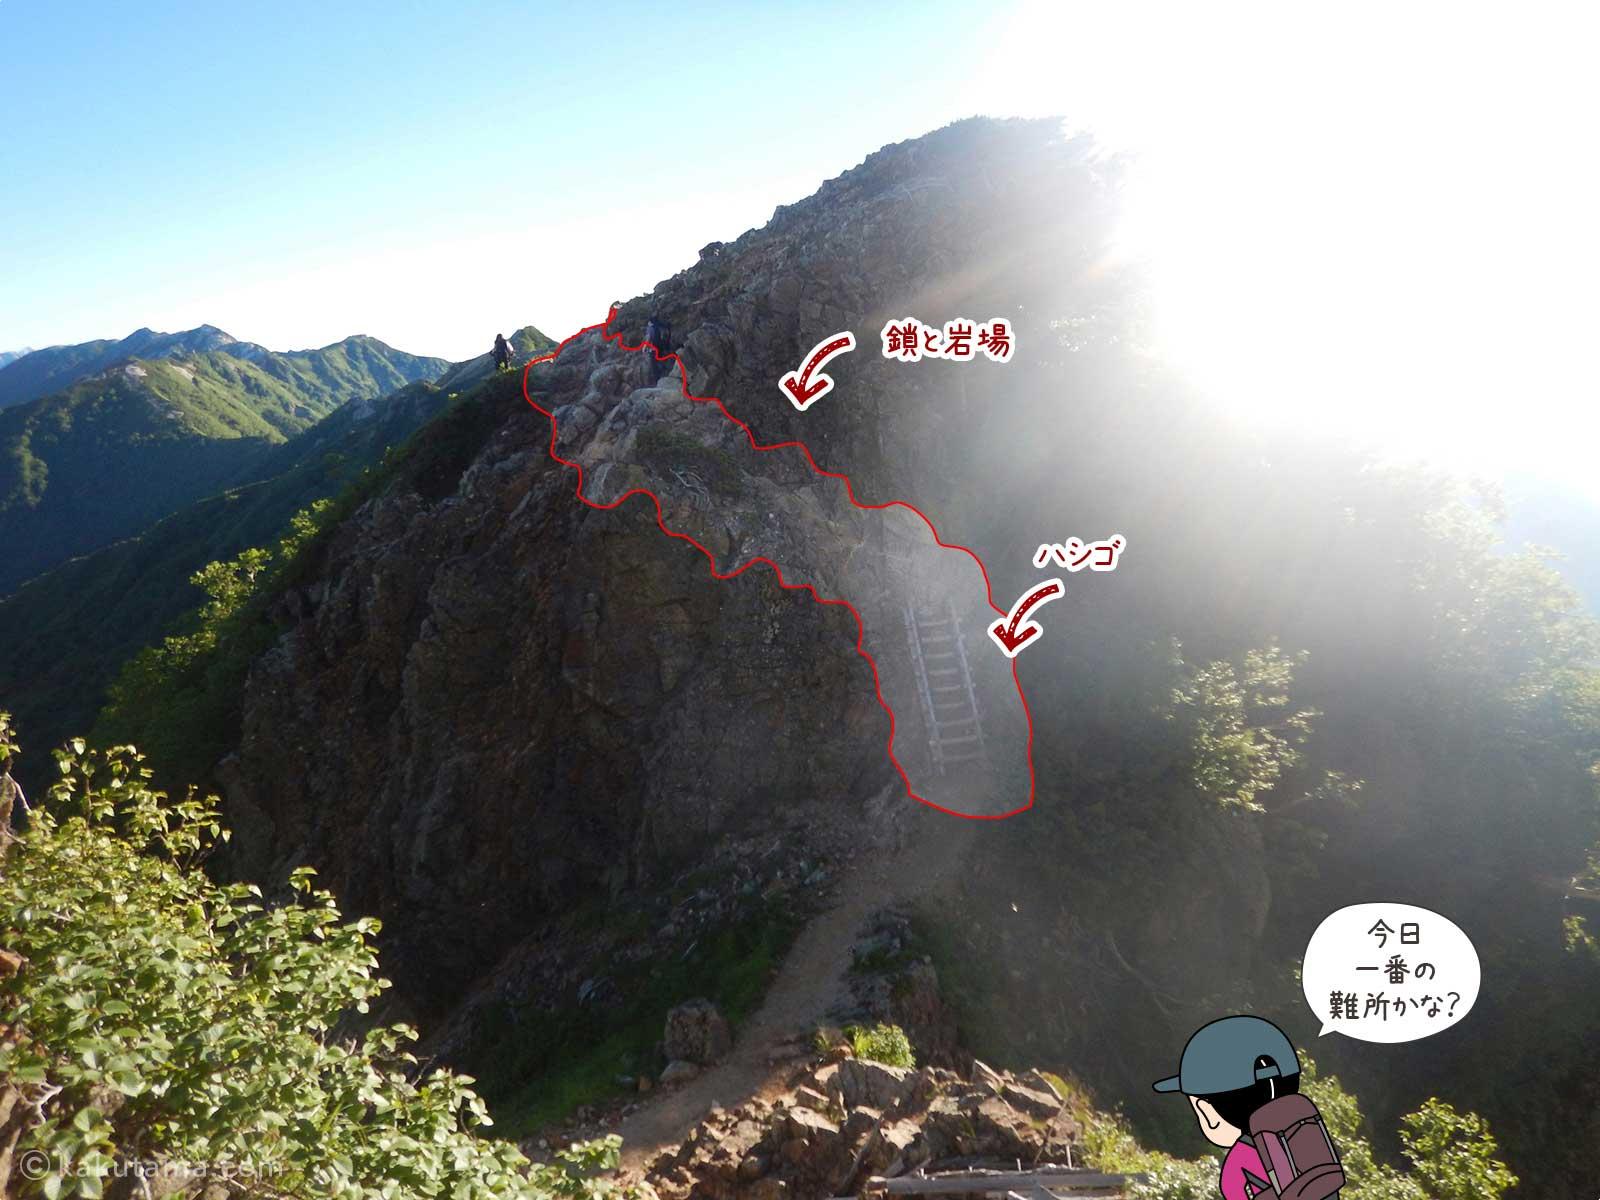 燕山荘〜大天荘間の難所